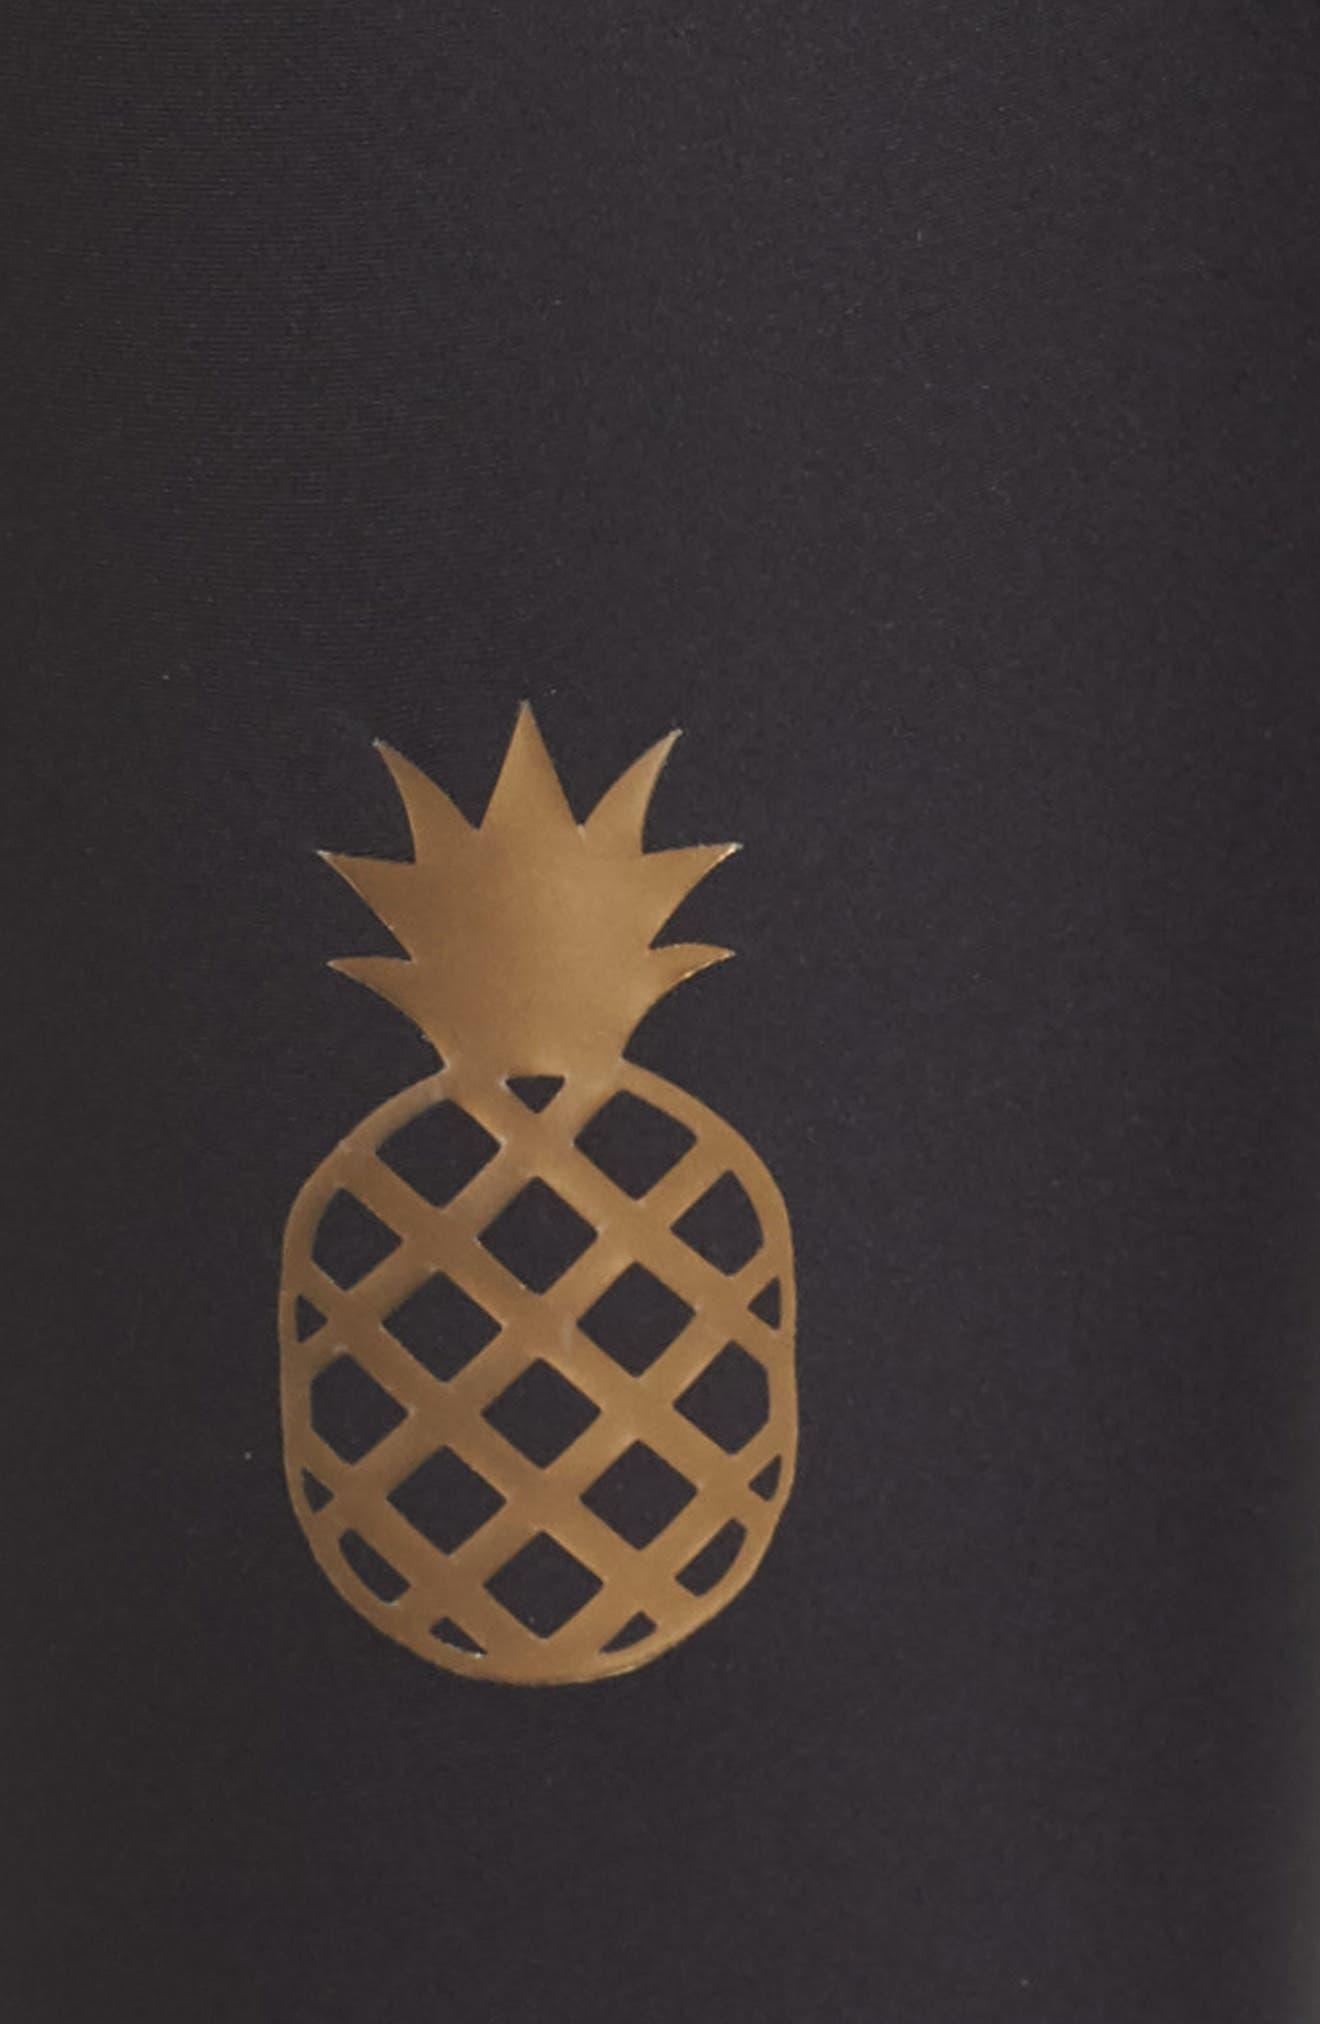 Ultra Pineapple Knockout Leggings,                             Alternate thumbnail 6, color,                             001